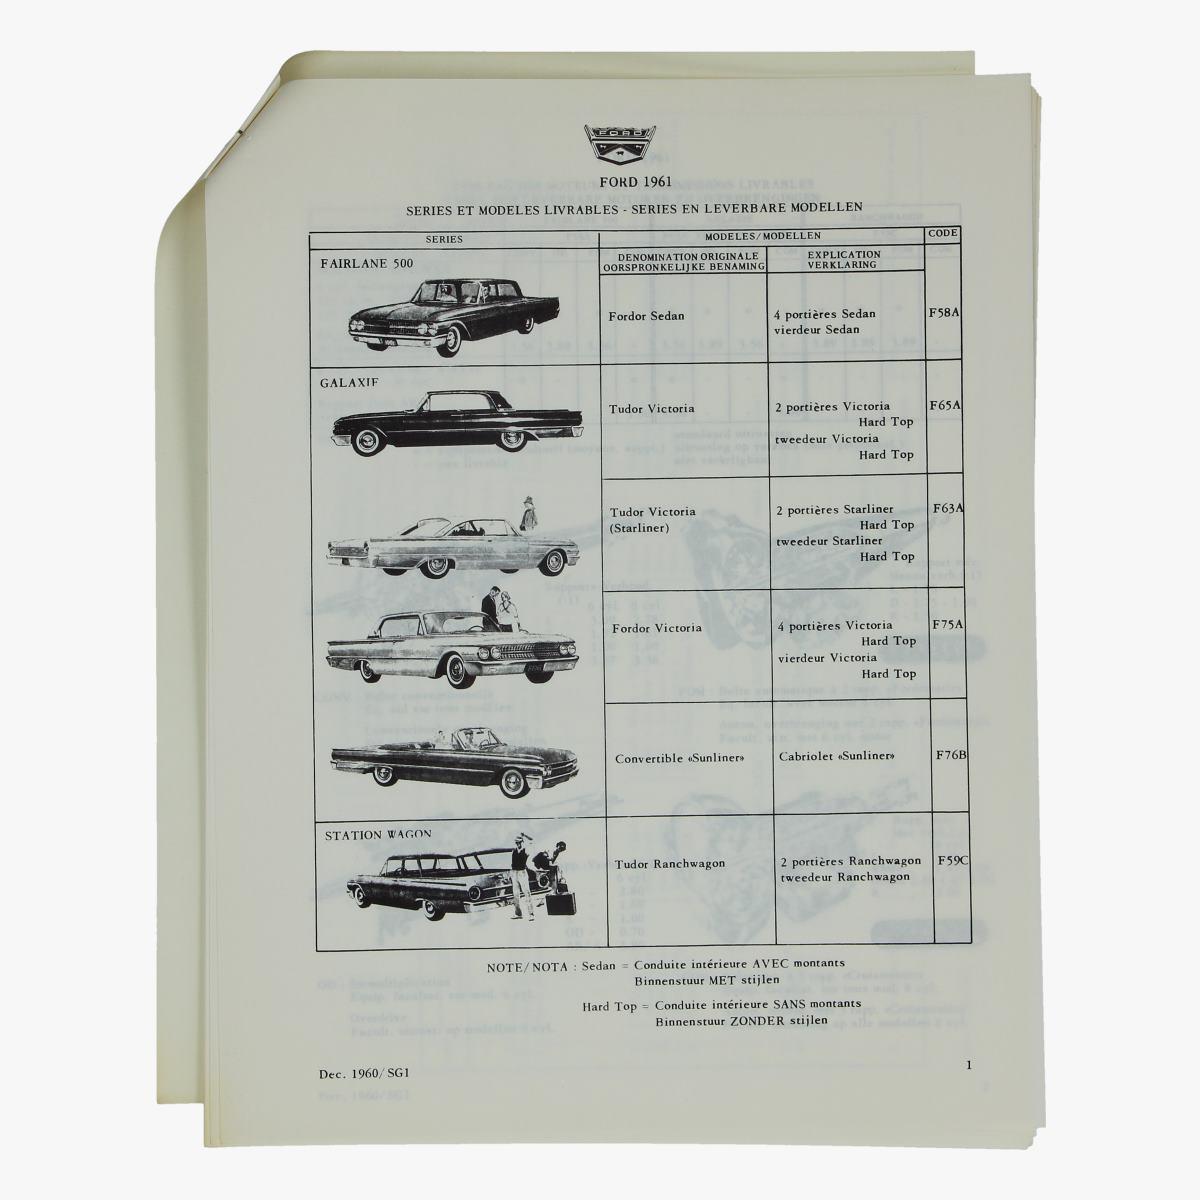 Afbeeldingen van oude folder Ford 1961